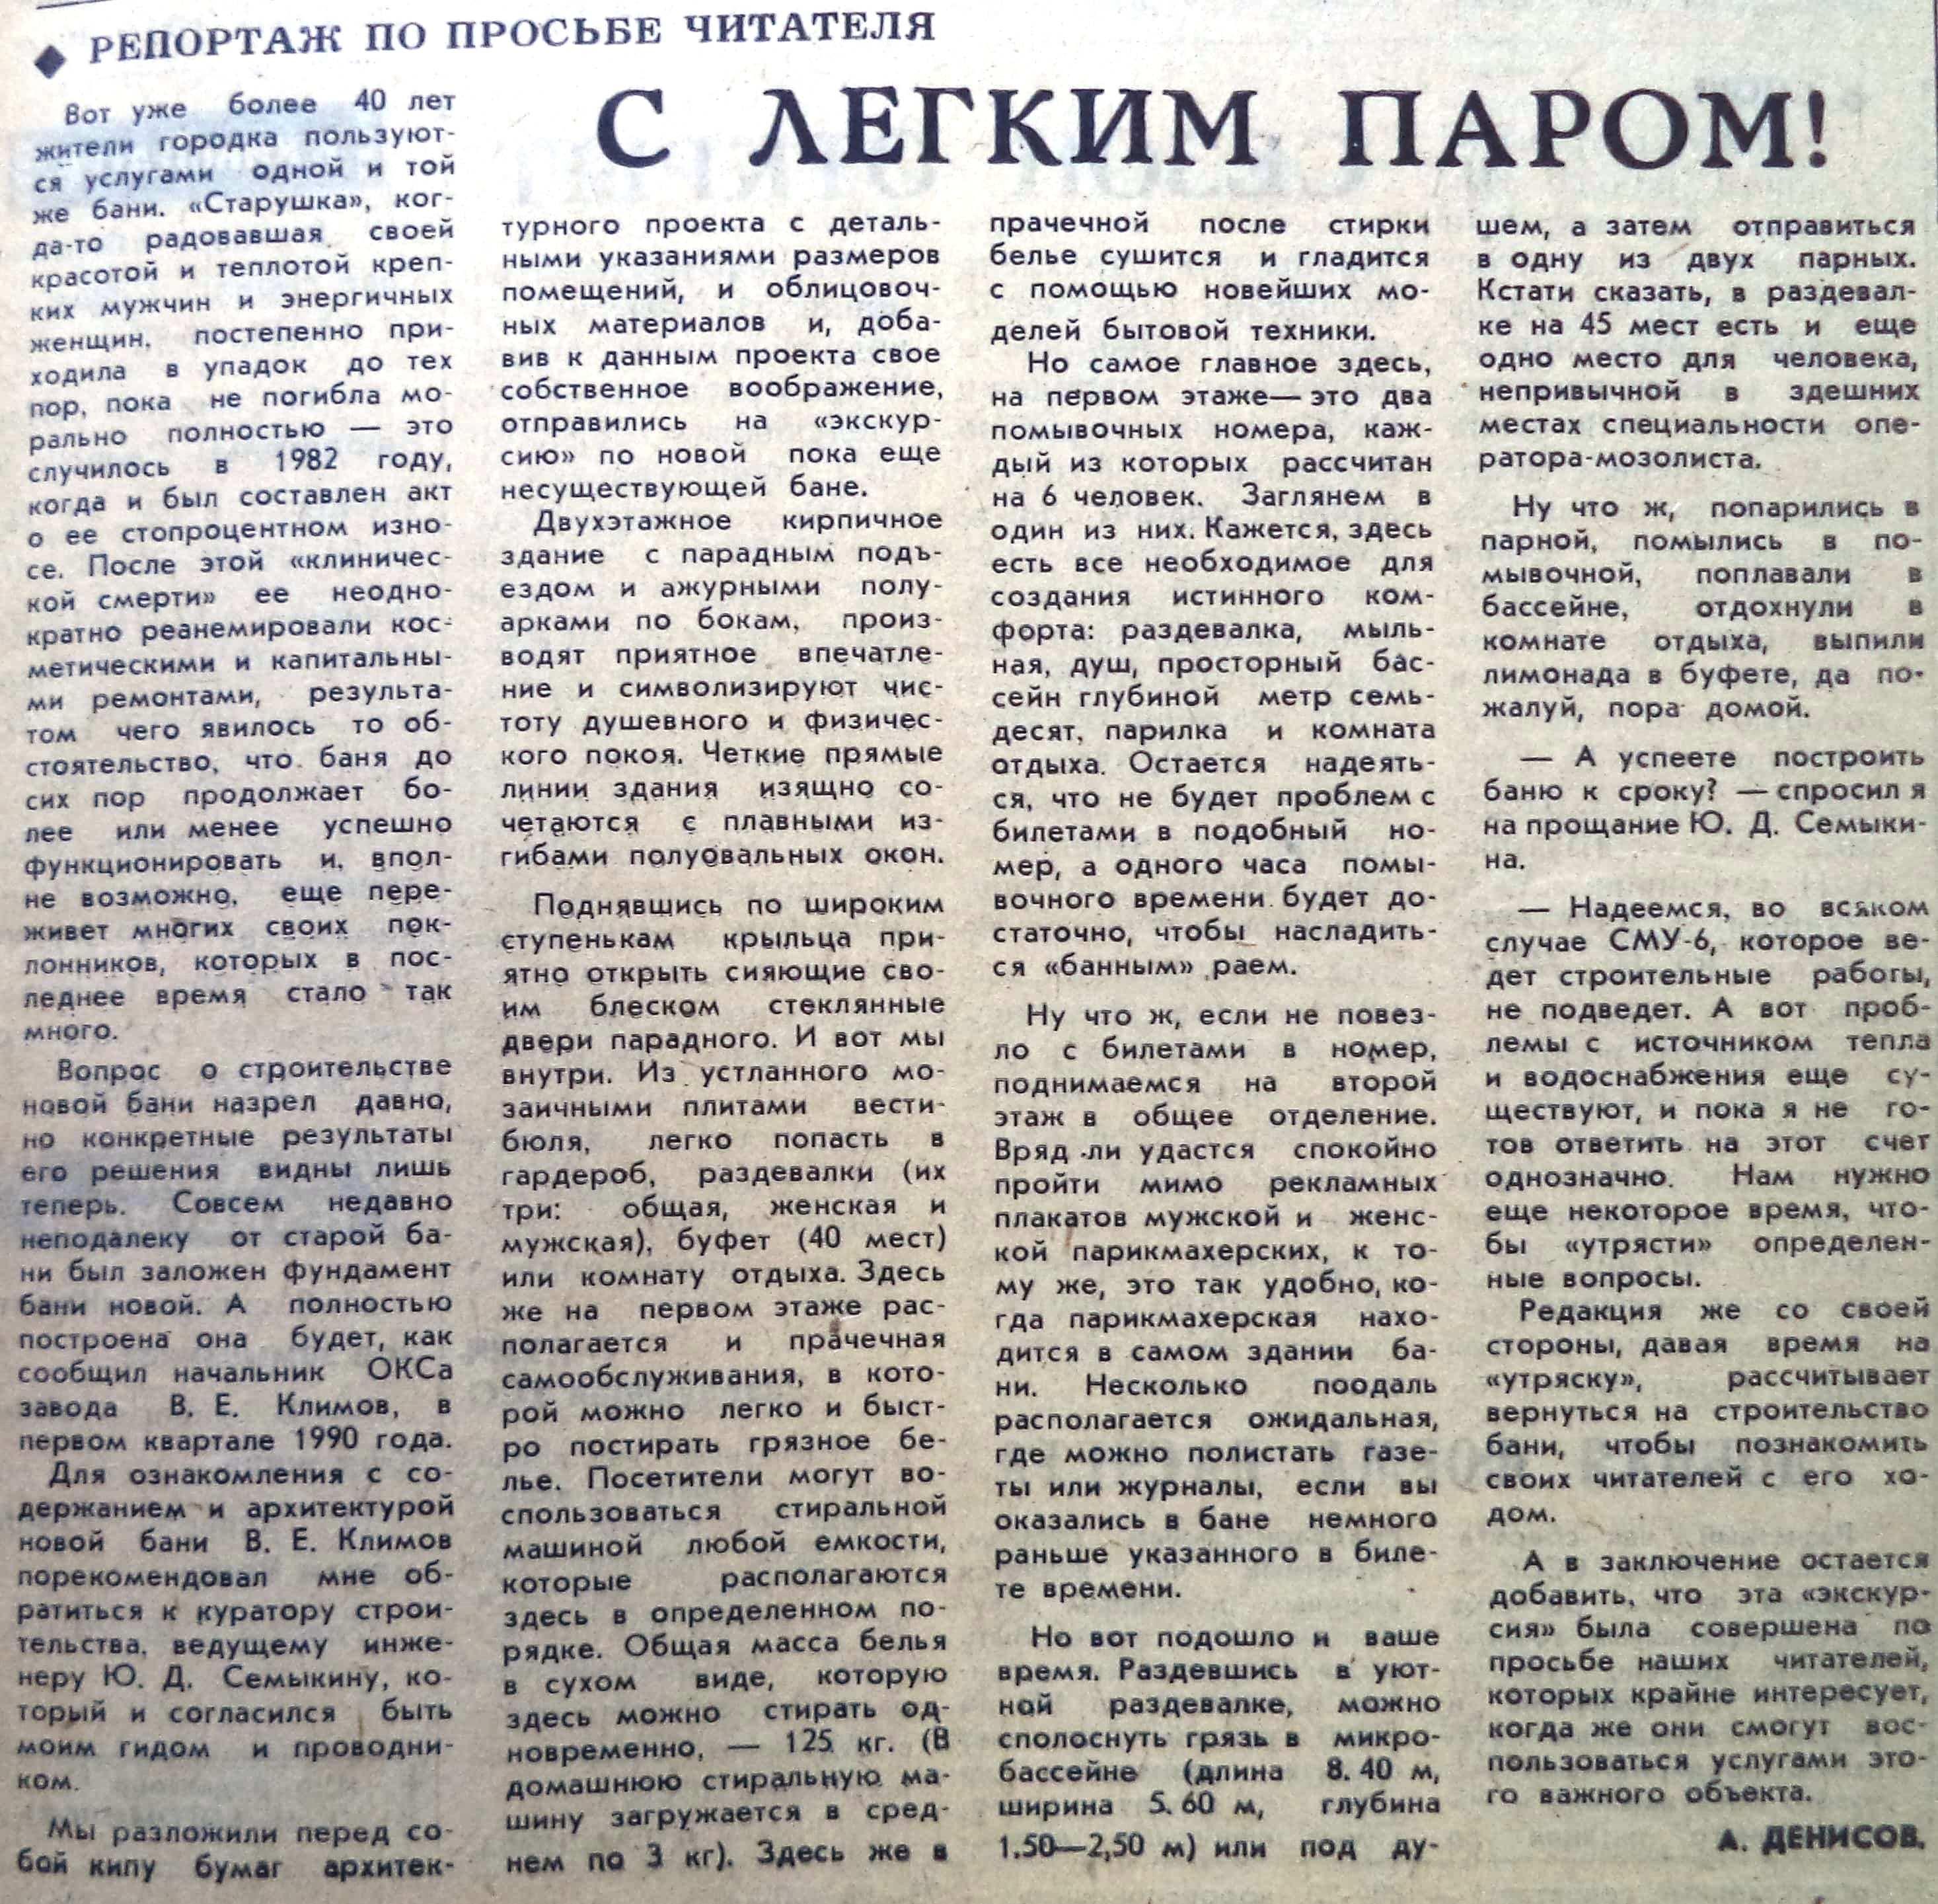 Симферопольская-ФОТО-19-Маяк-1989-01-06-о проекте новой бани